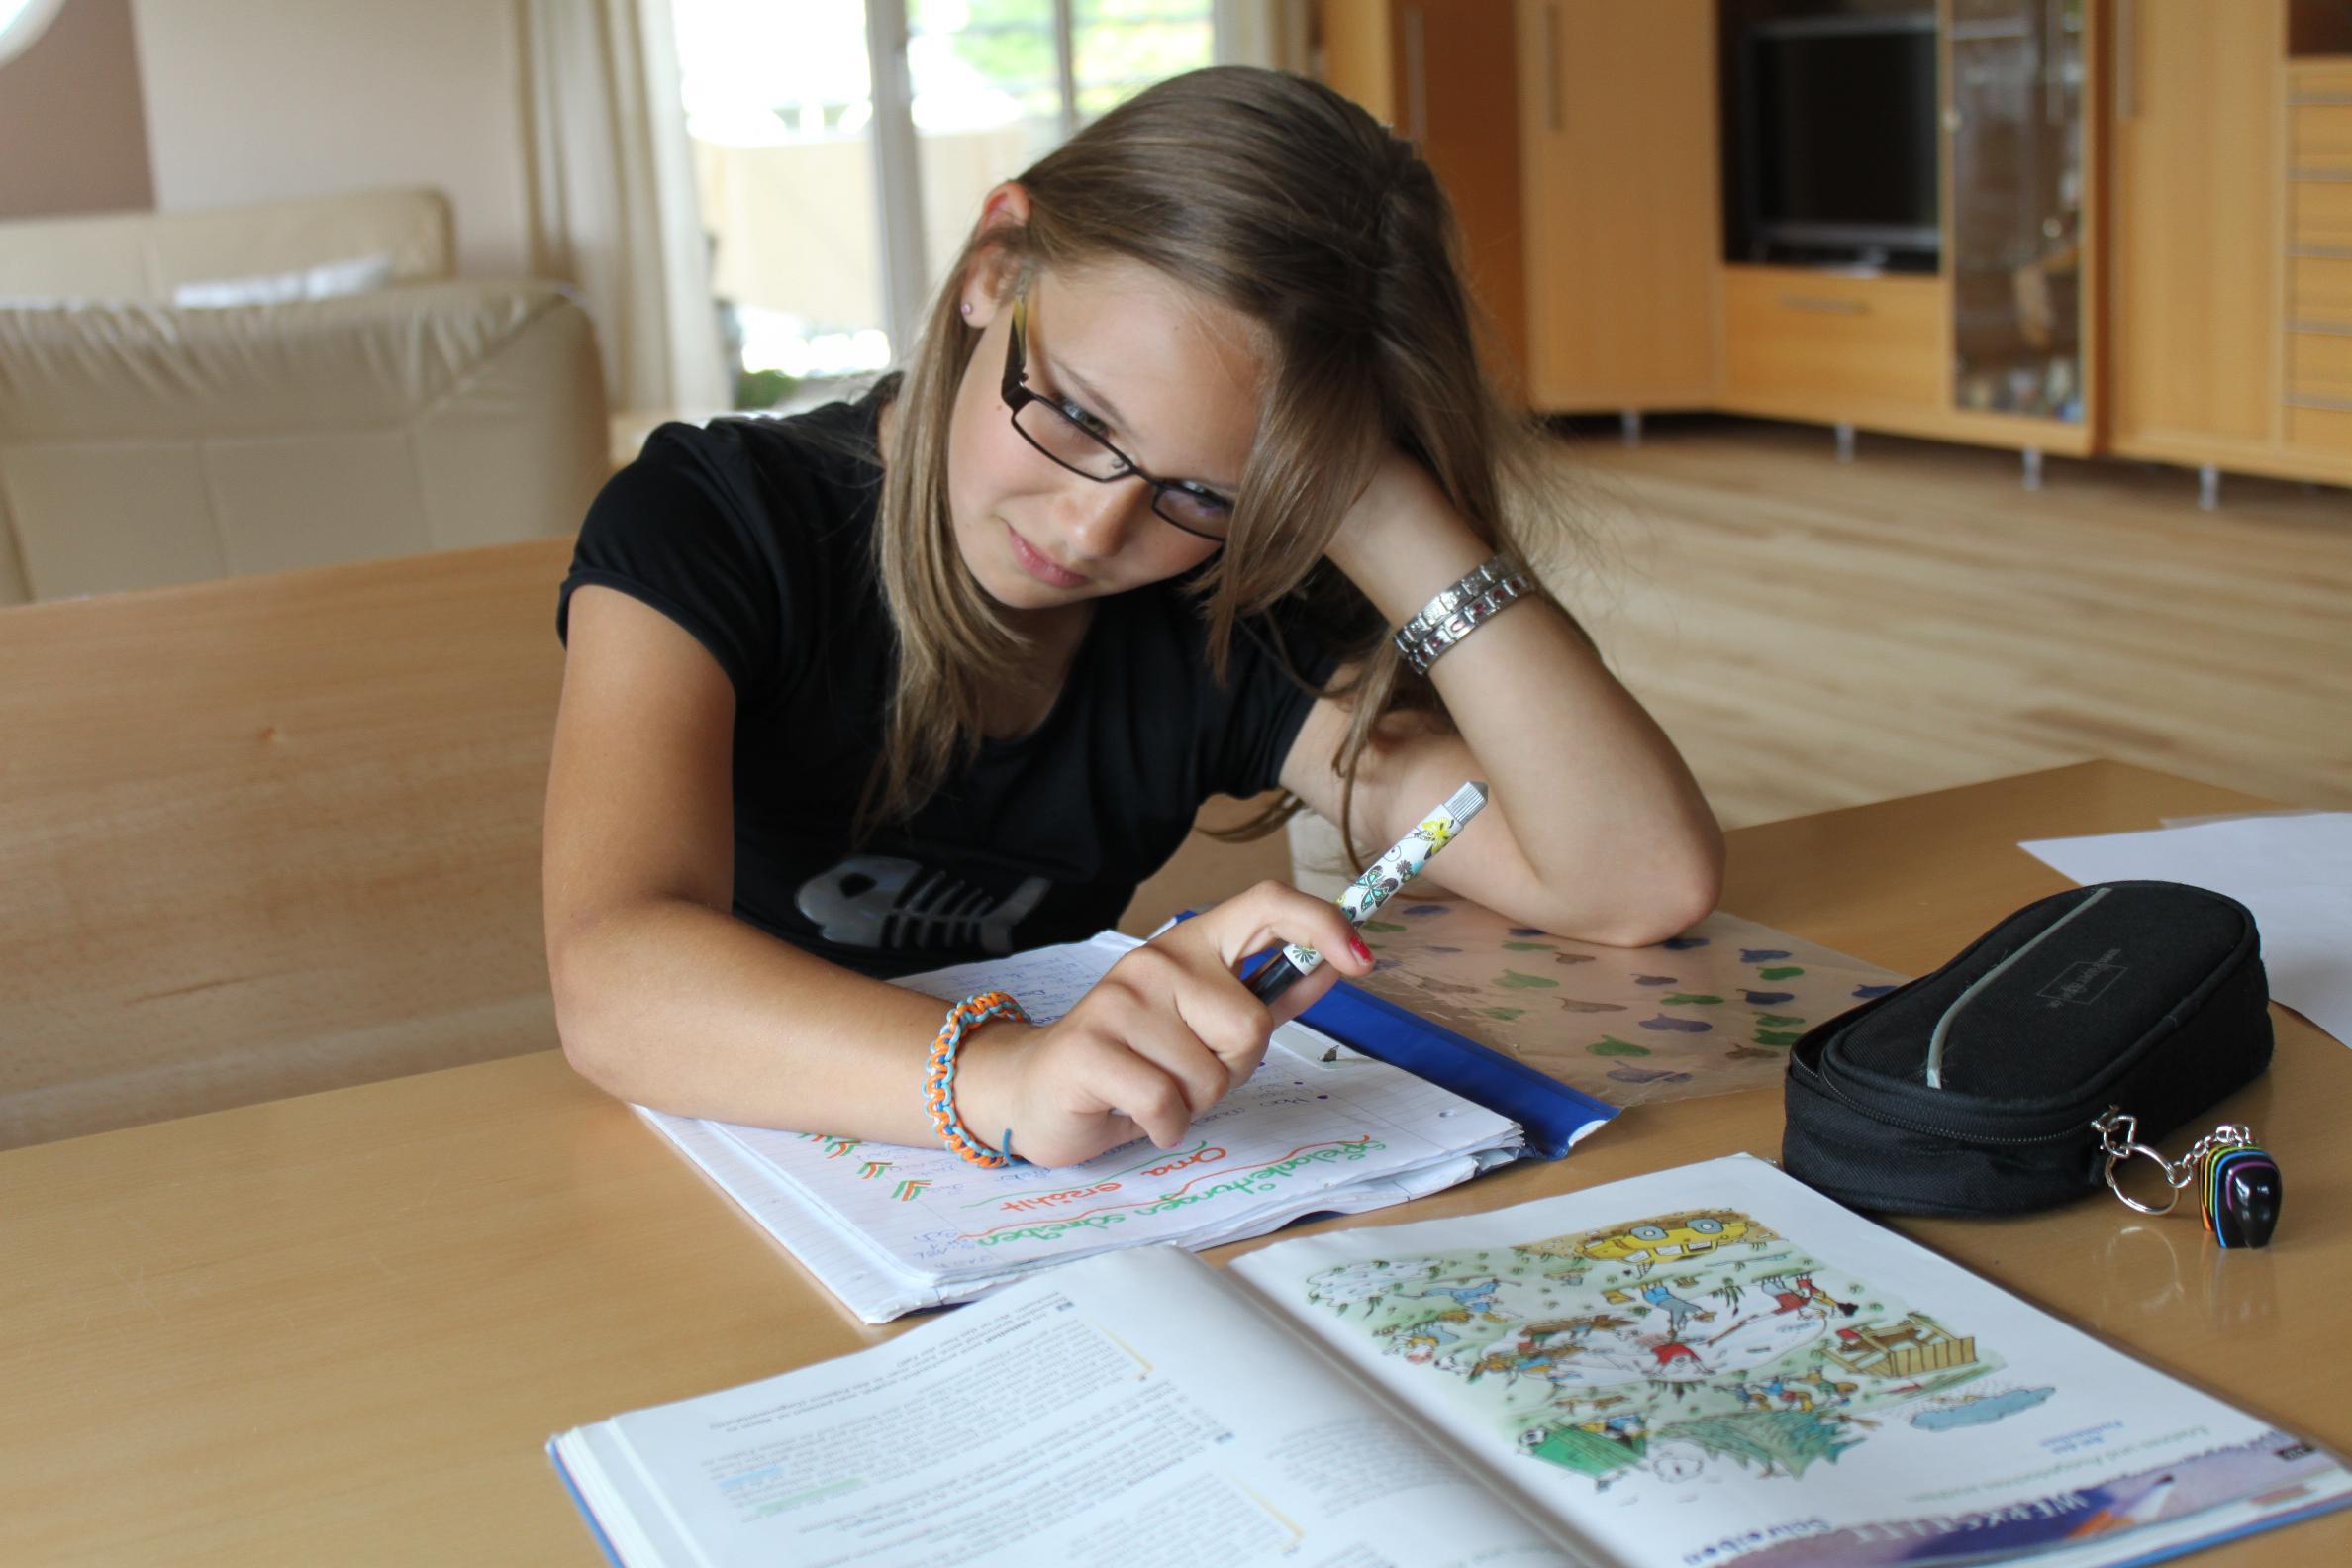 lrs und konzentrationsschwäche | crealern blog